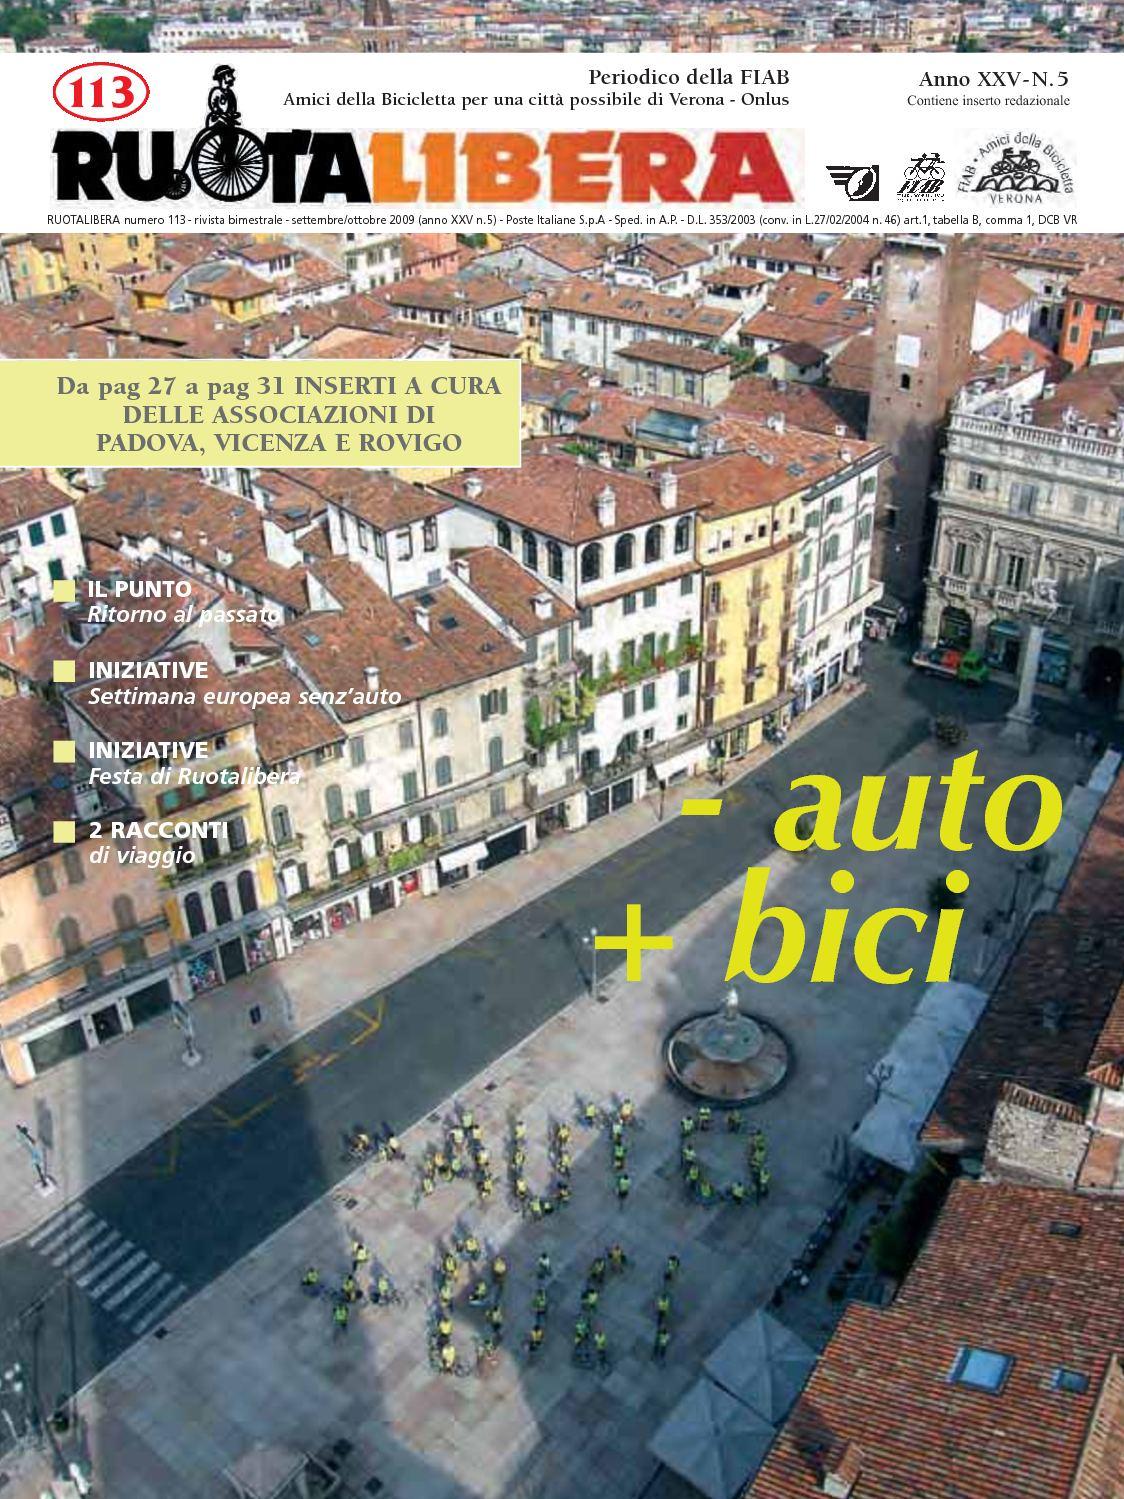 Ruotalibera 113 (settembre/ottobre 2009) - FIAB AdB Verona